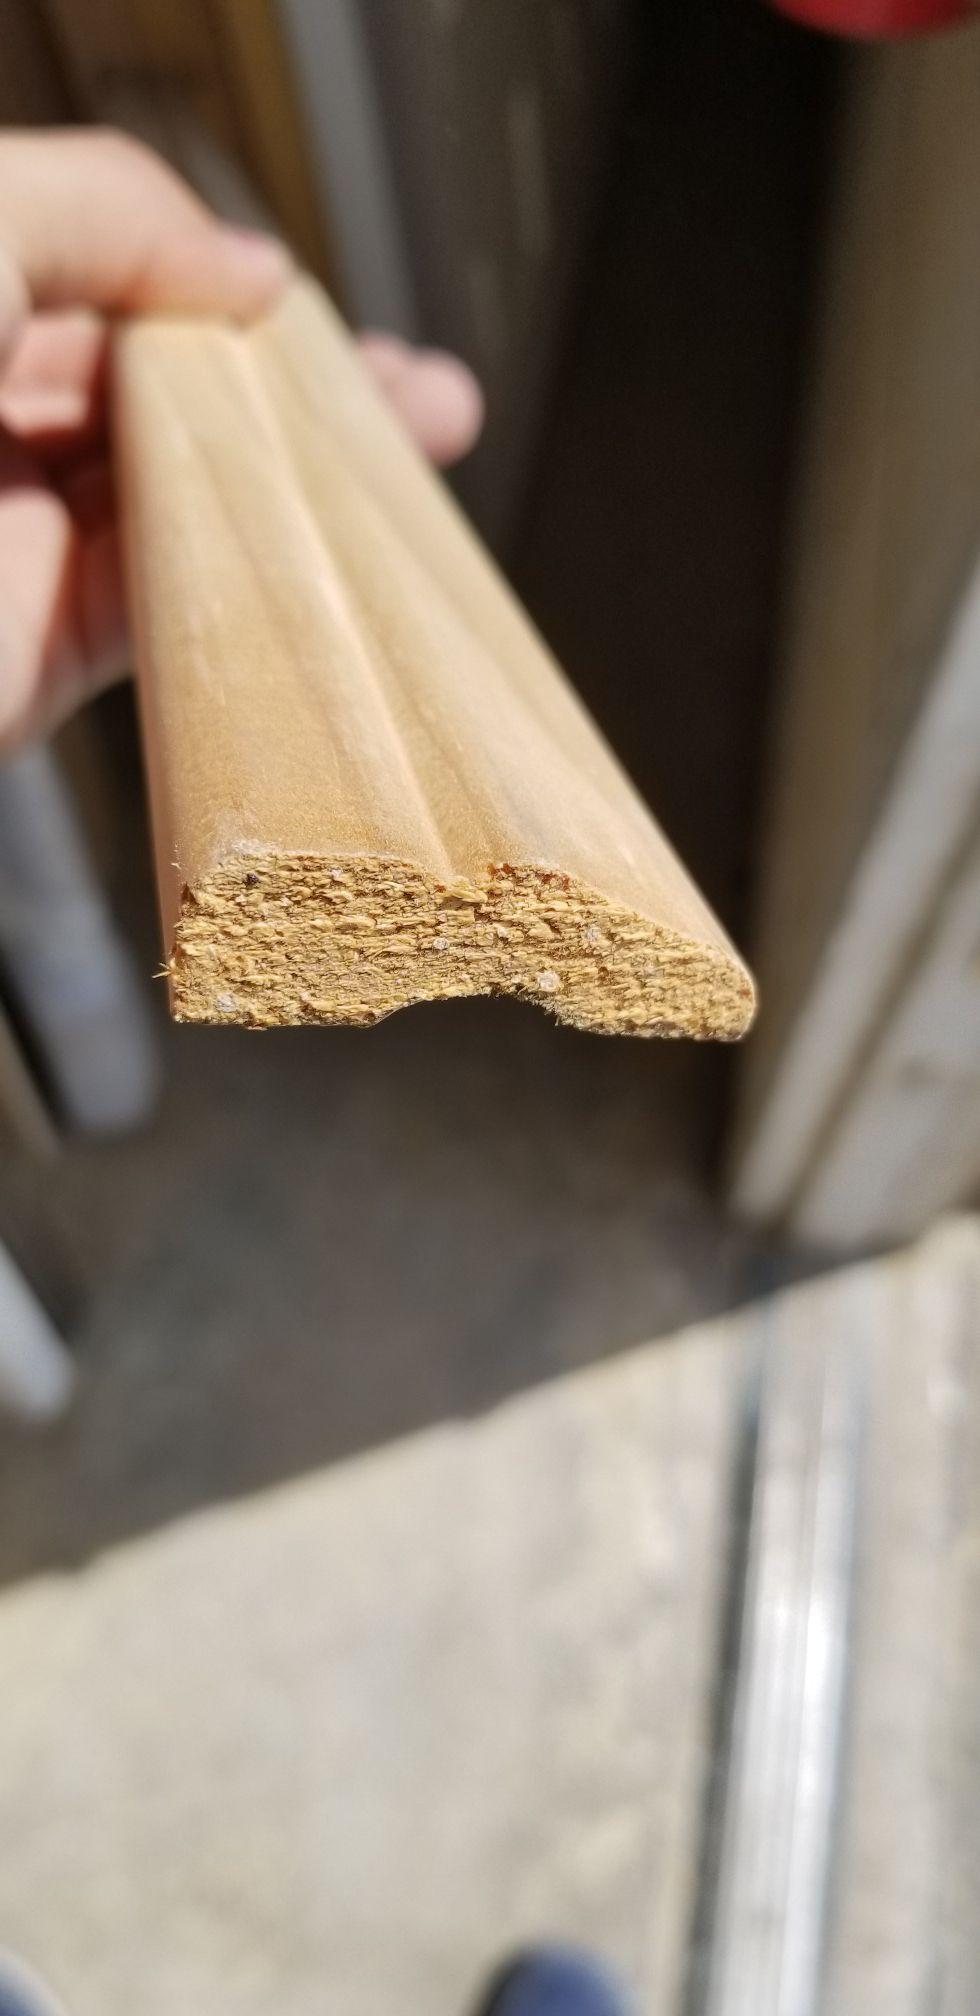 door casing moulding